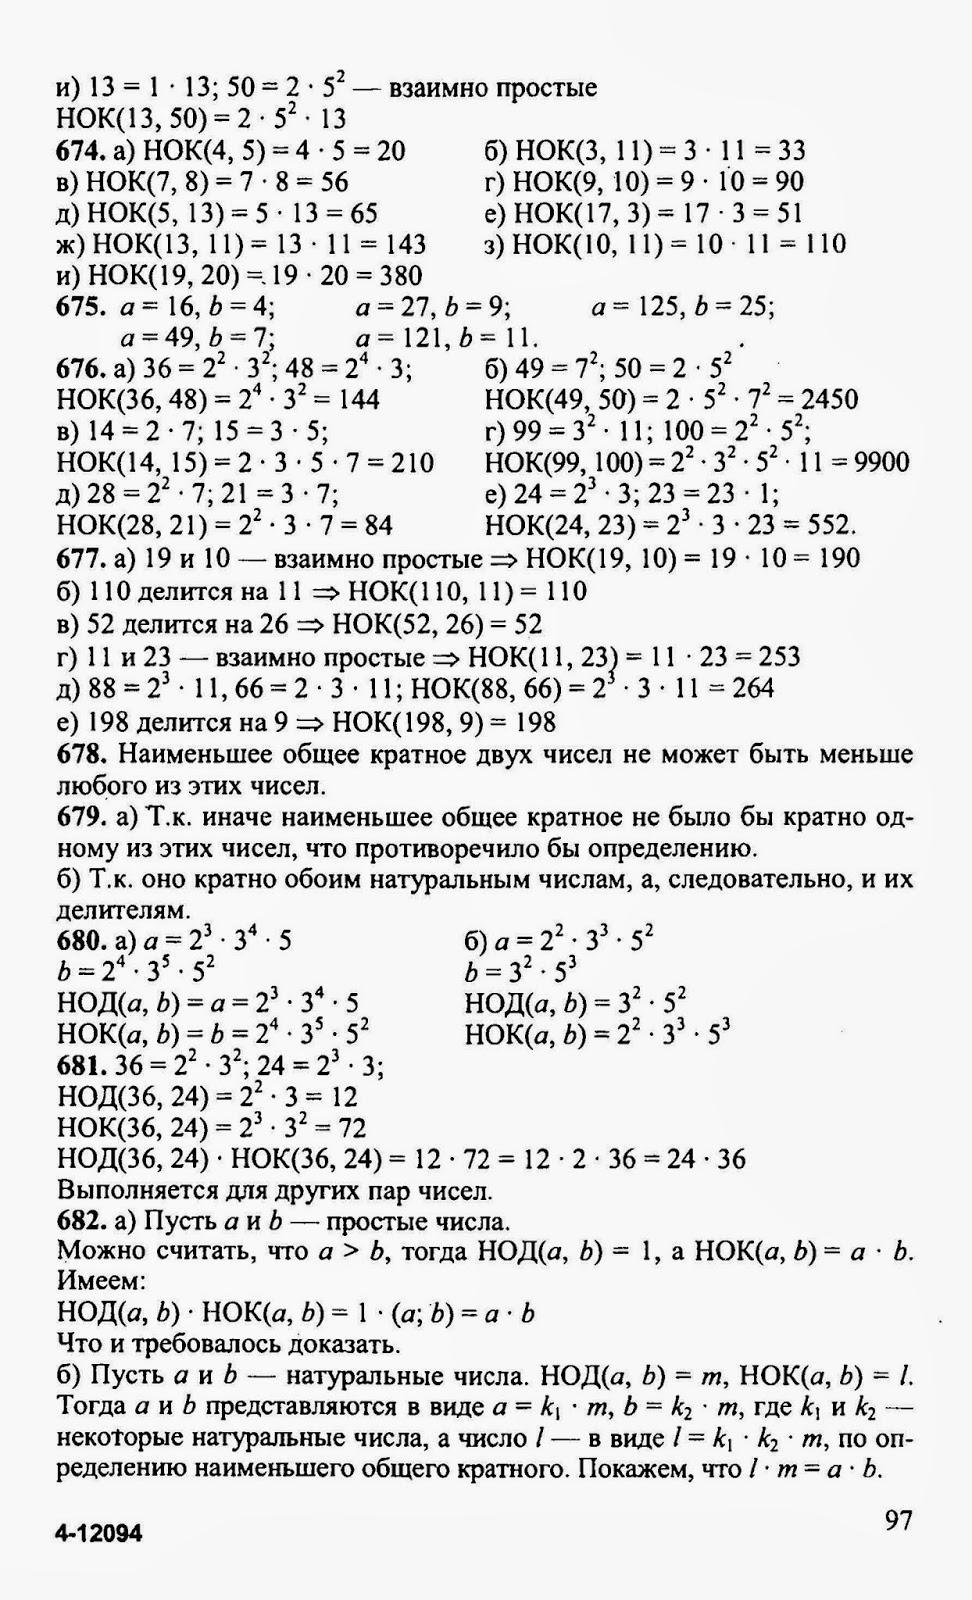 Гдз по математике 5 класс попов гдз от путина